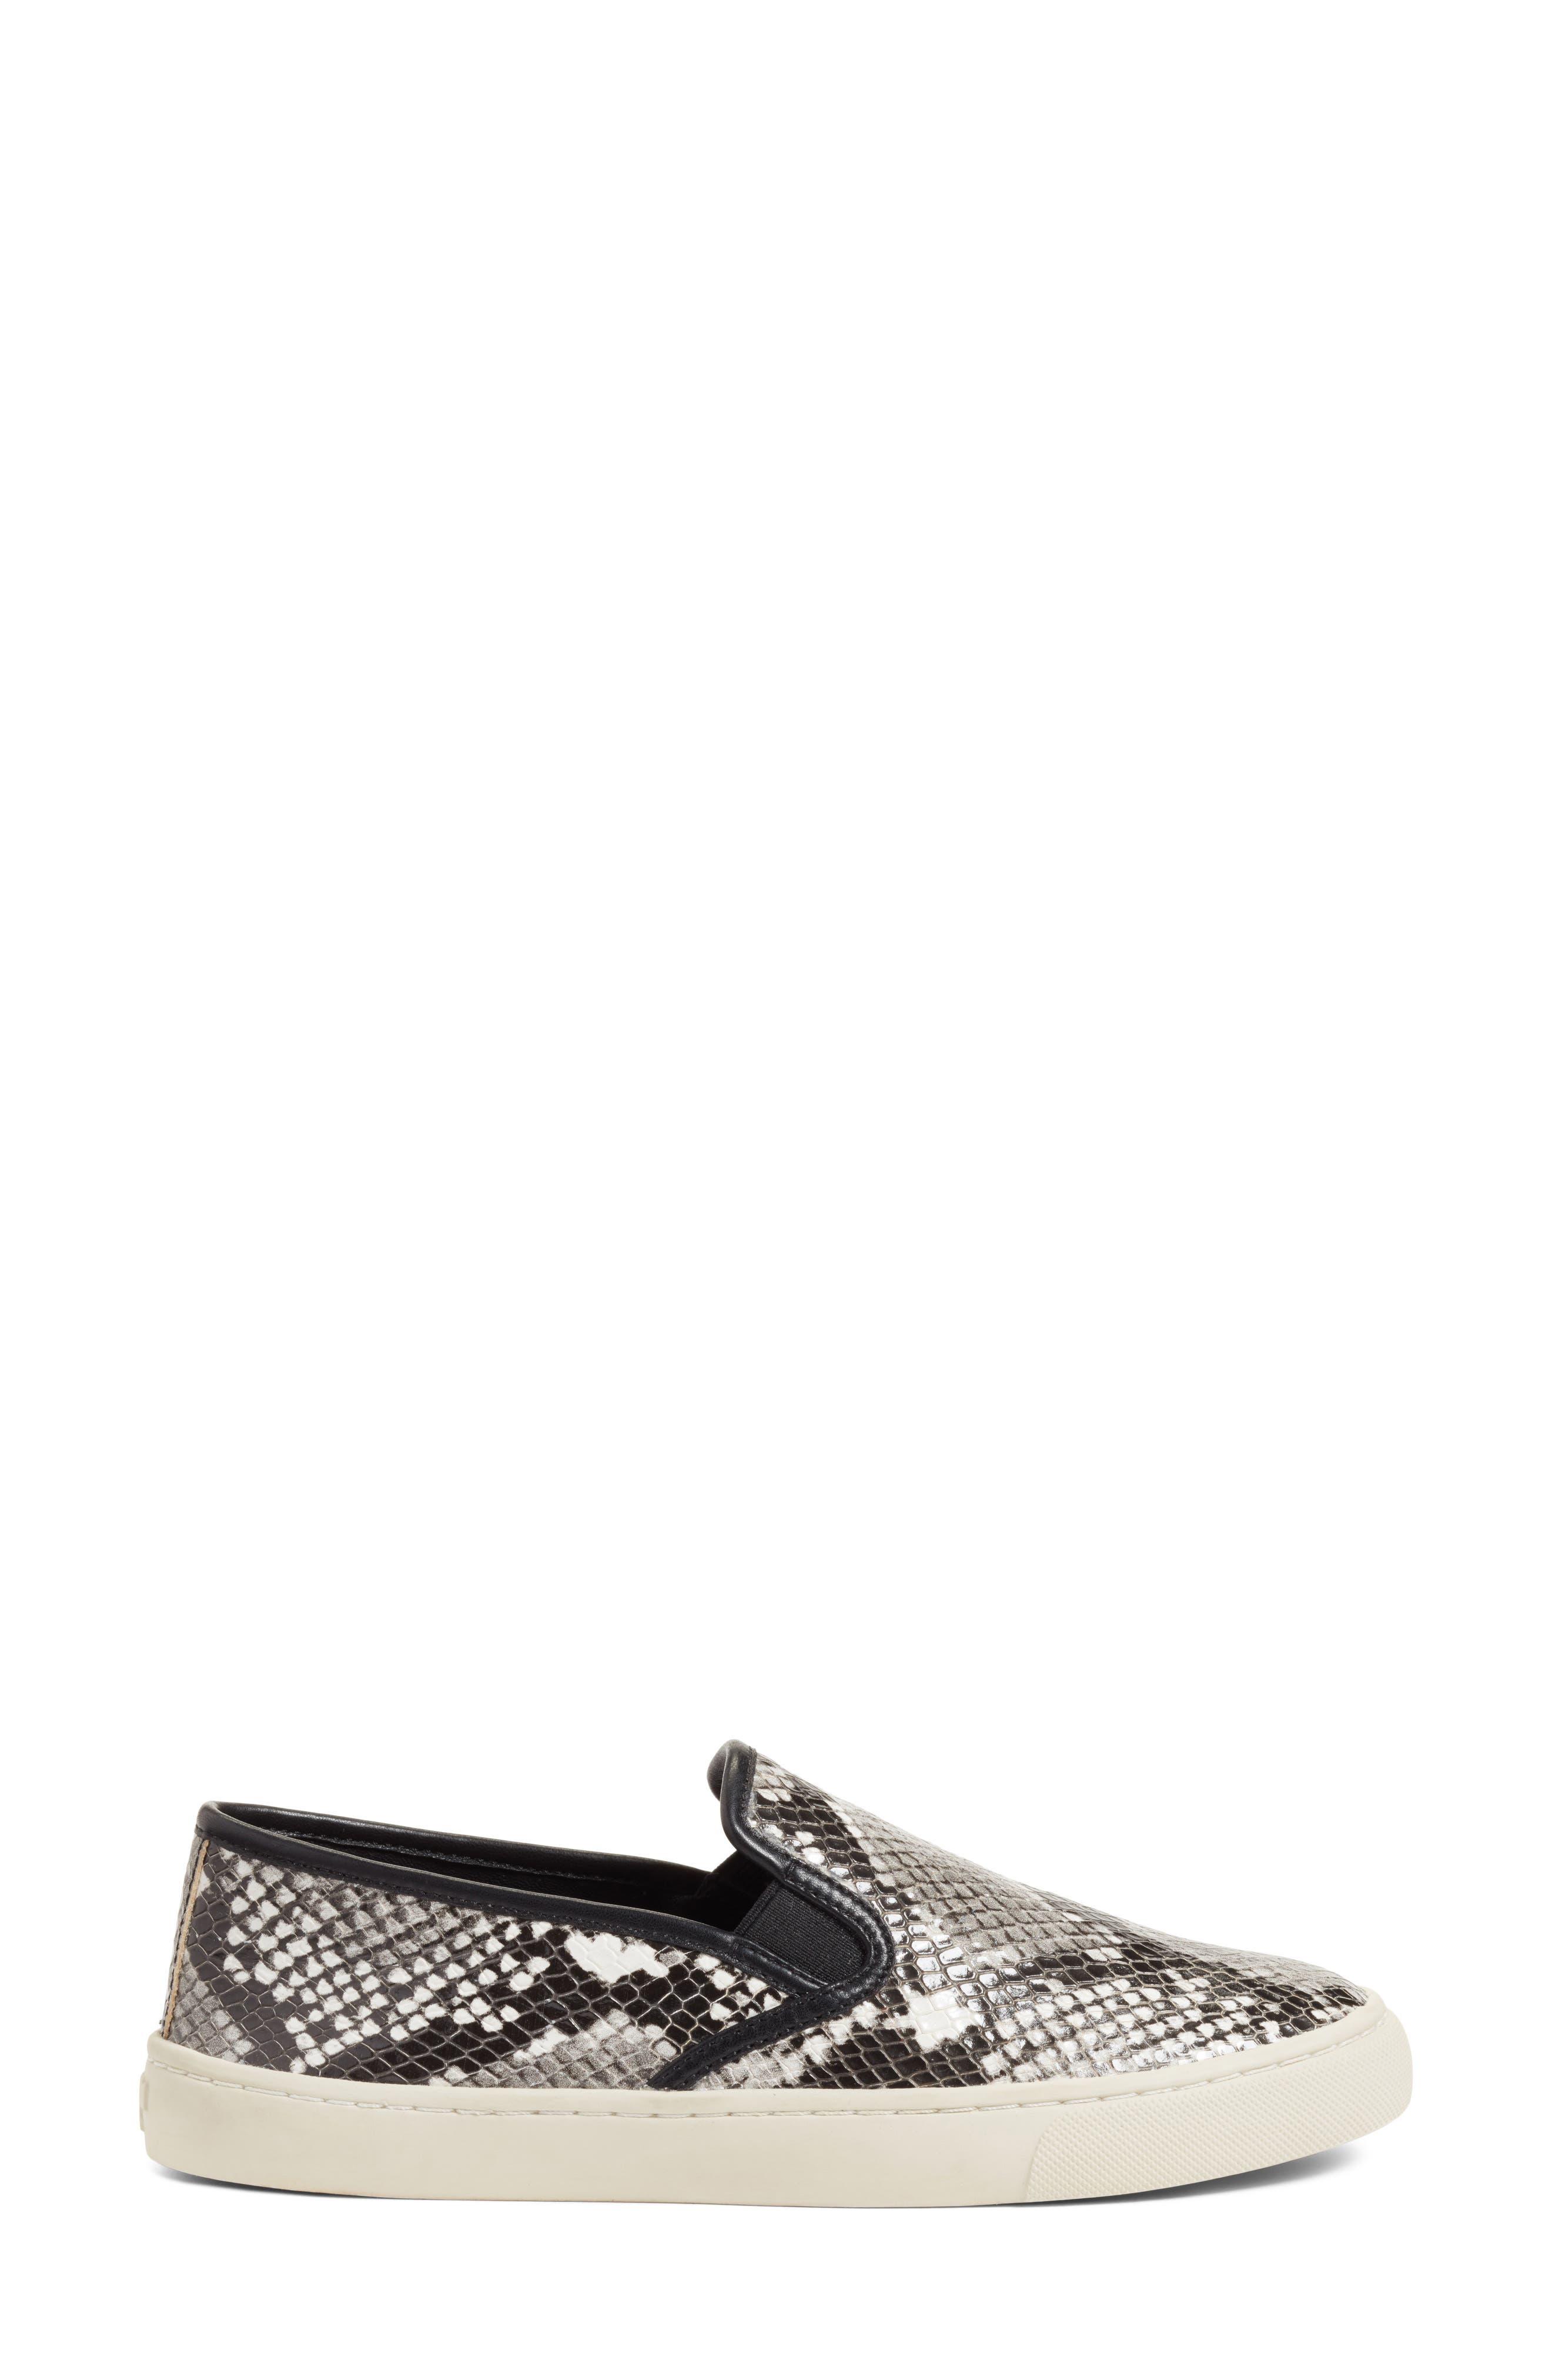 Max Slip-On Sneaker,                             Alternate thumbnail 14, color,